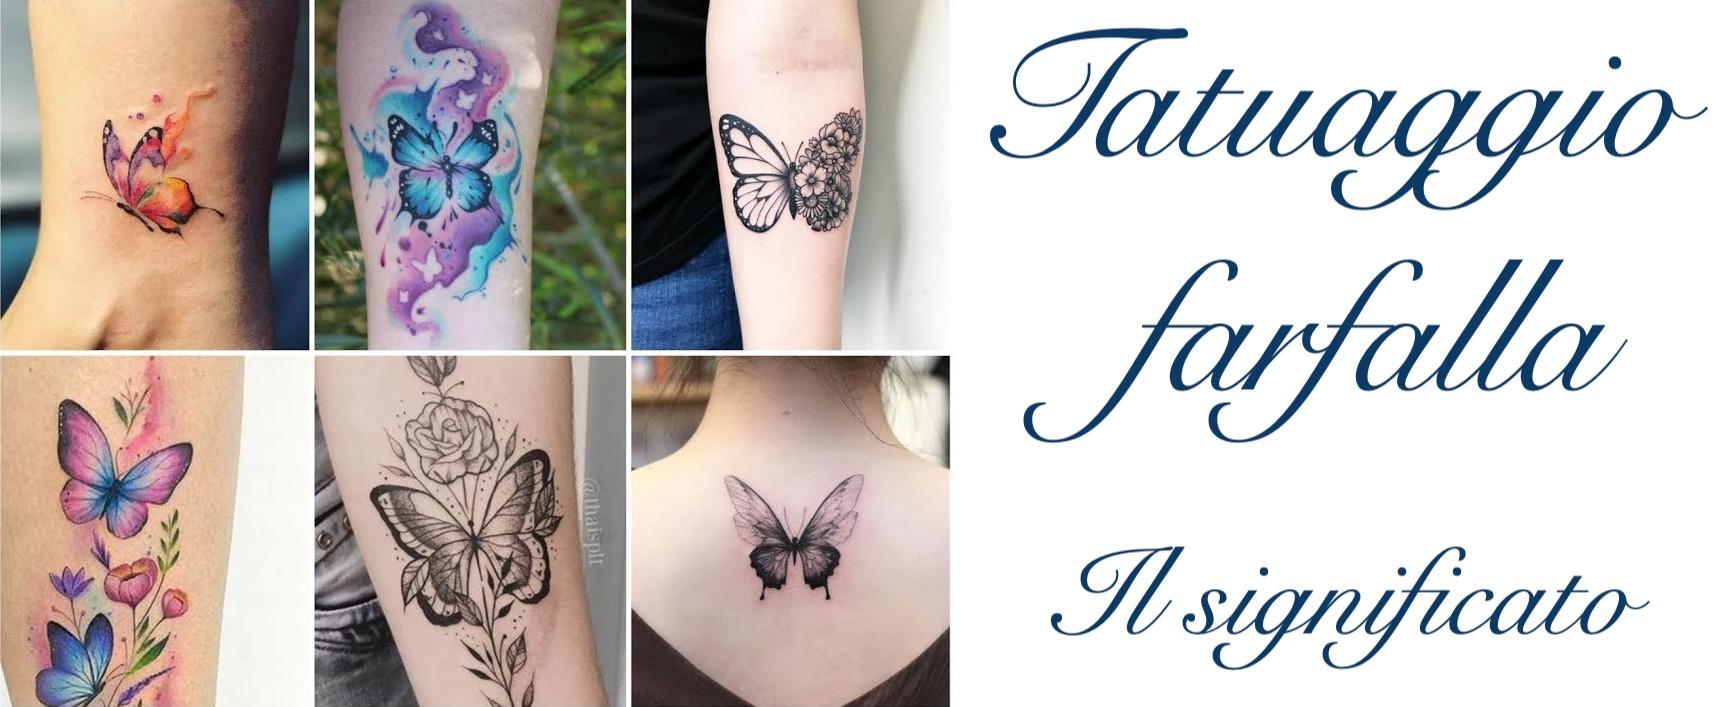 Tatuaggio Tattoo Farfalla Significato